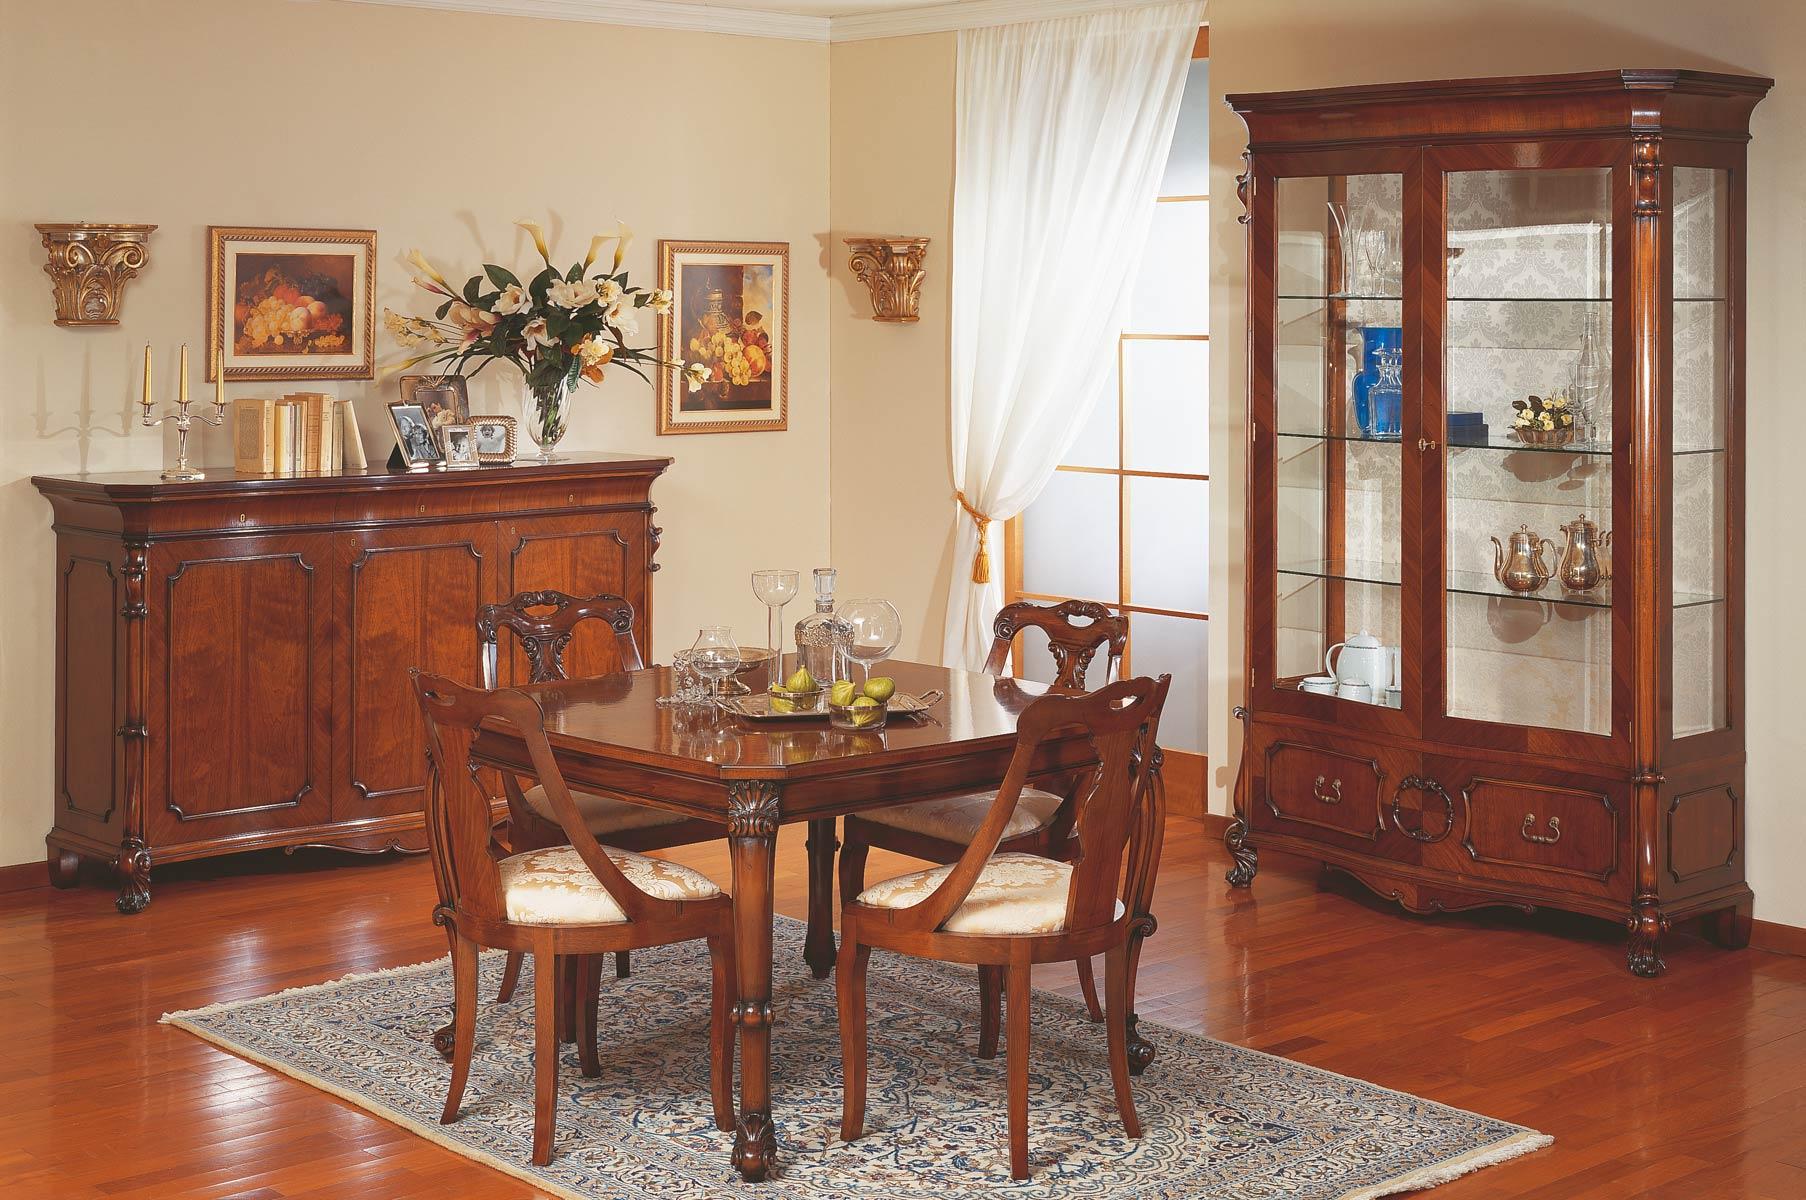 Sala da pranzo classica stile 700 siciliano vimercati meda for Mobili per sala da pranzo moderni